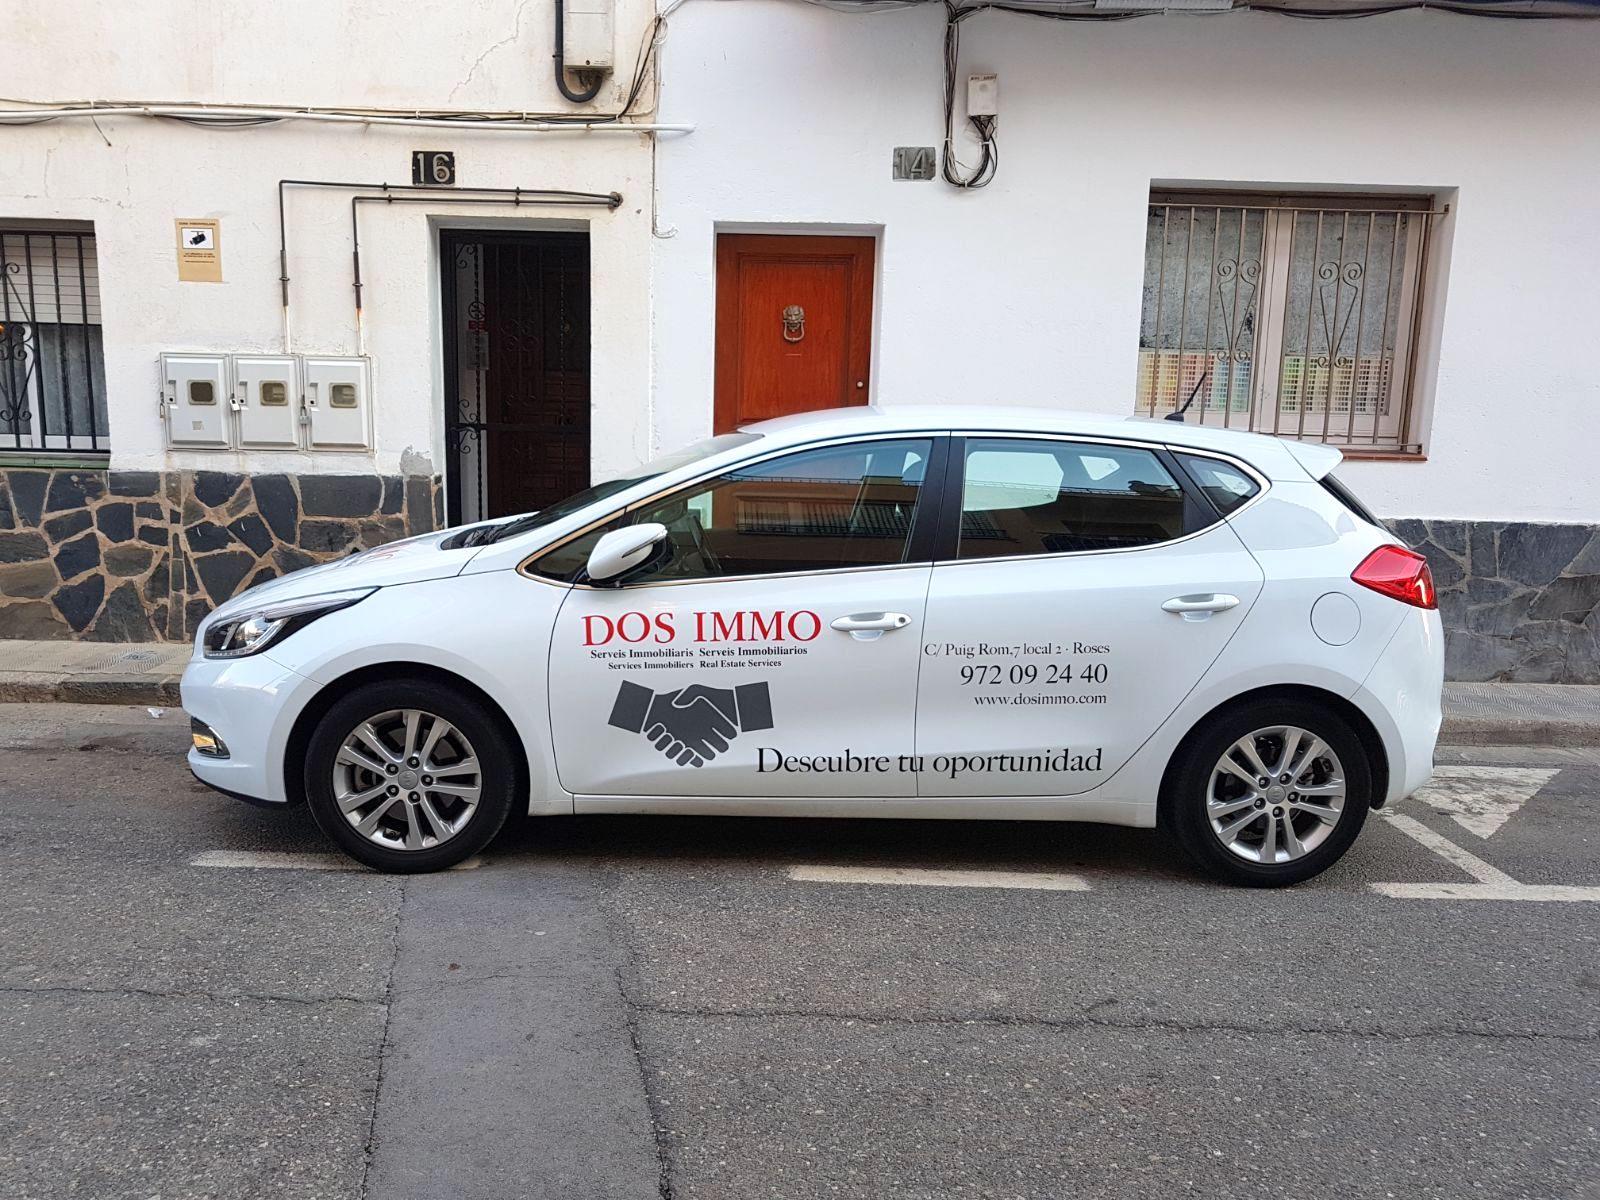 DOSIMMO - Retolació vehicles